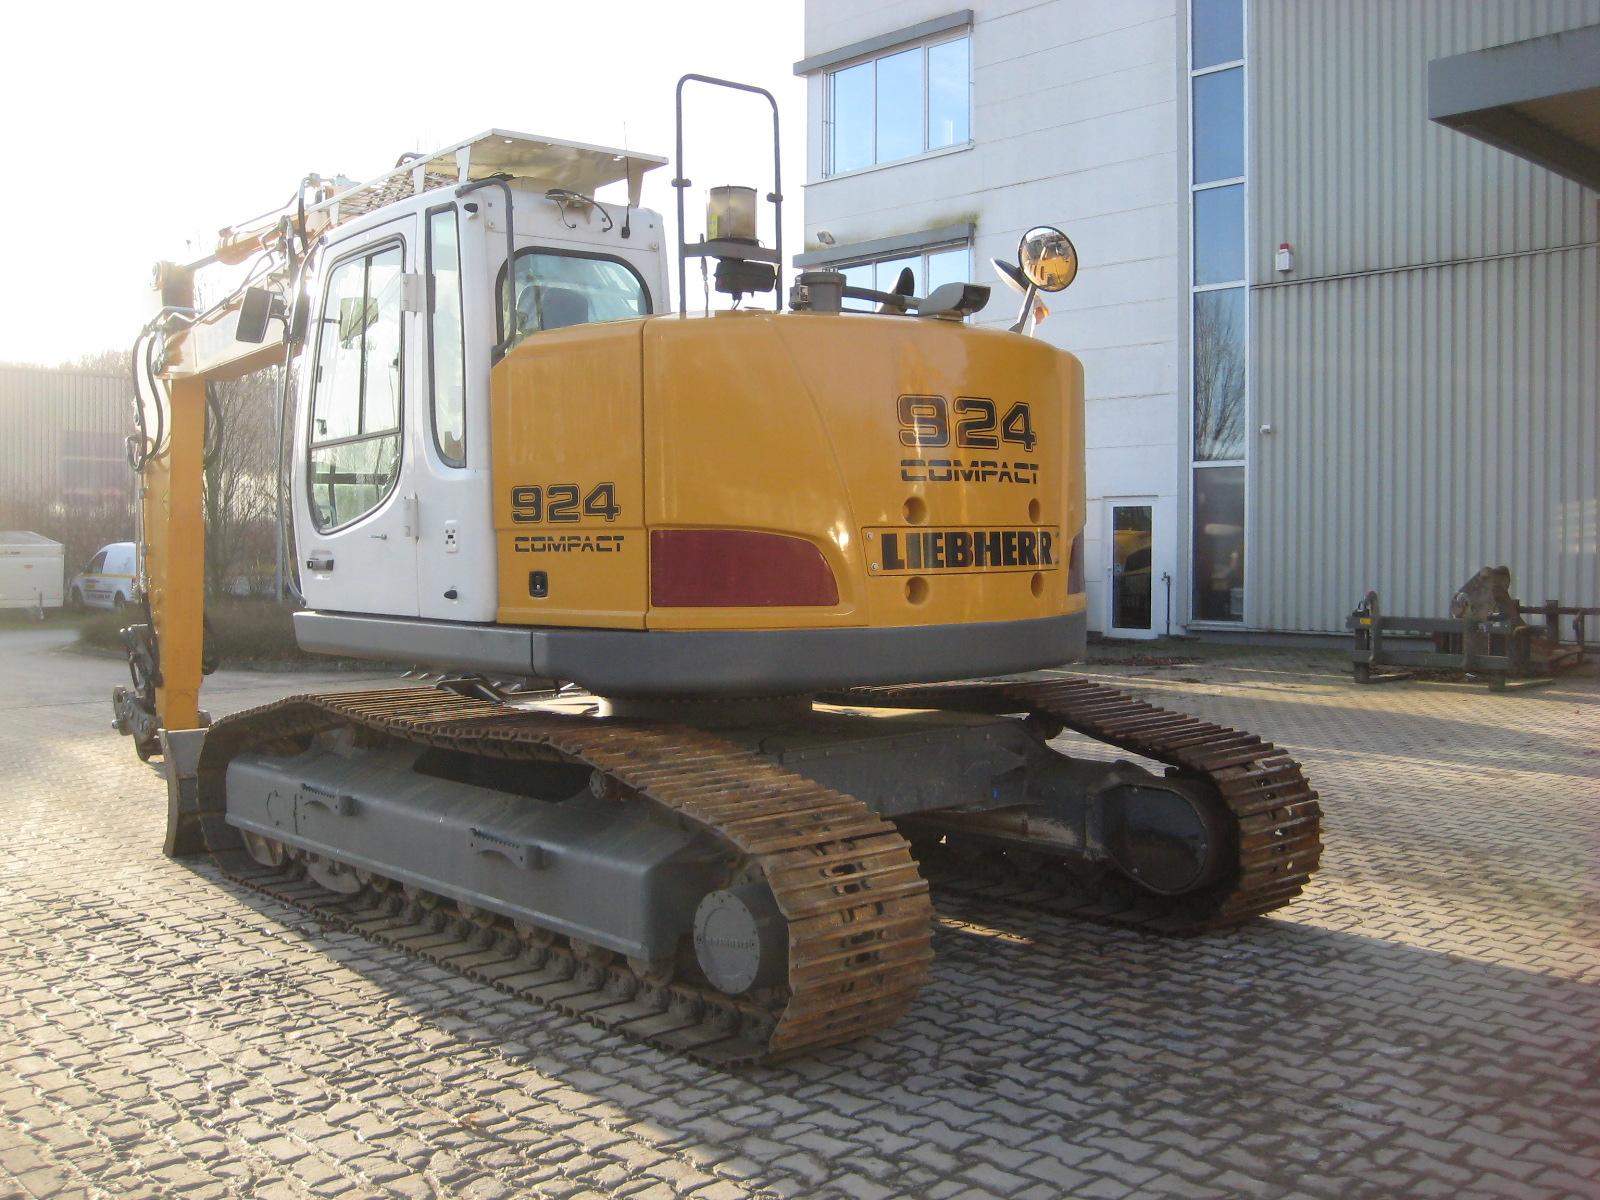 R 924 Comp. LI -1056-32845_003.JPG